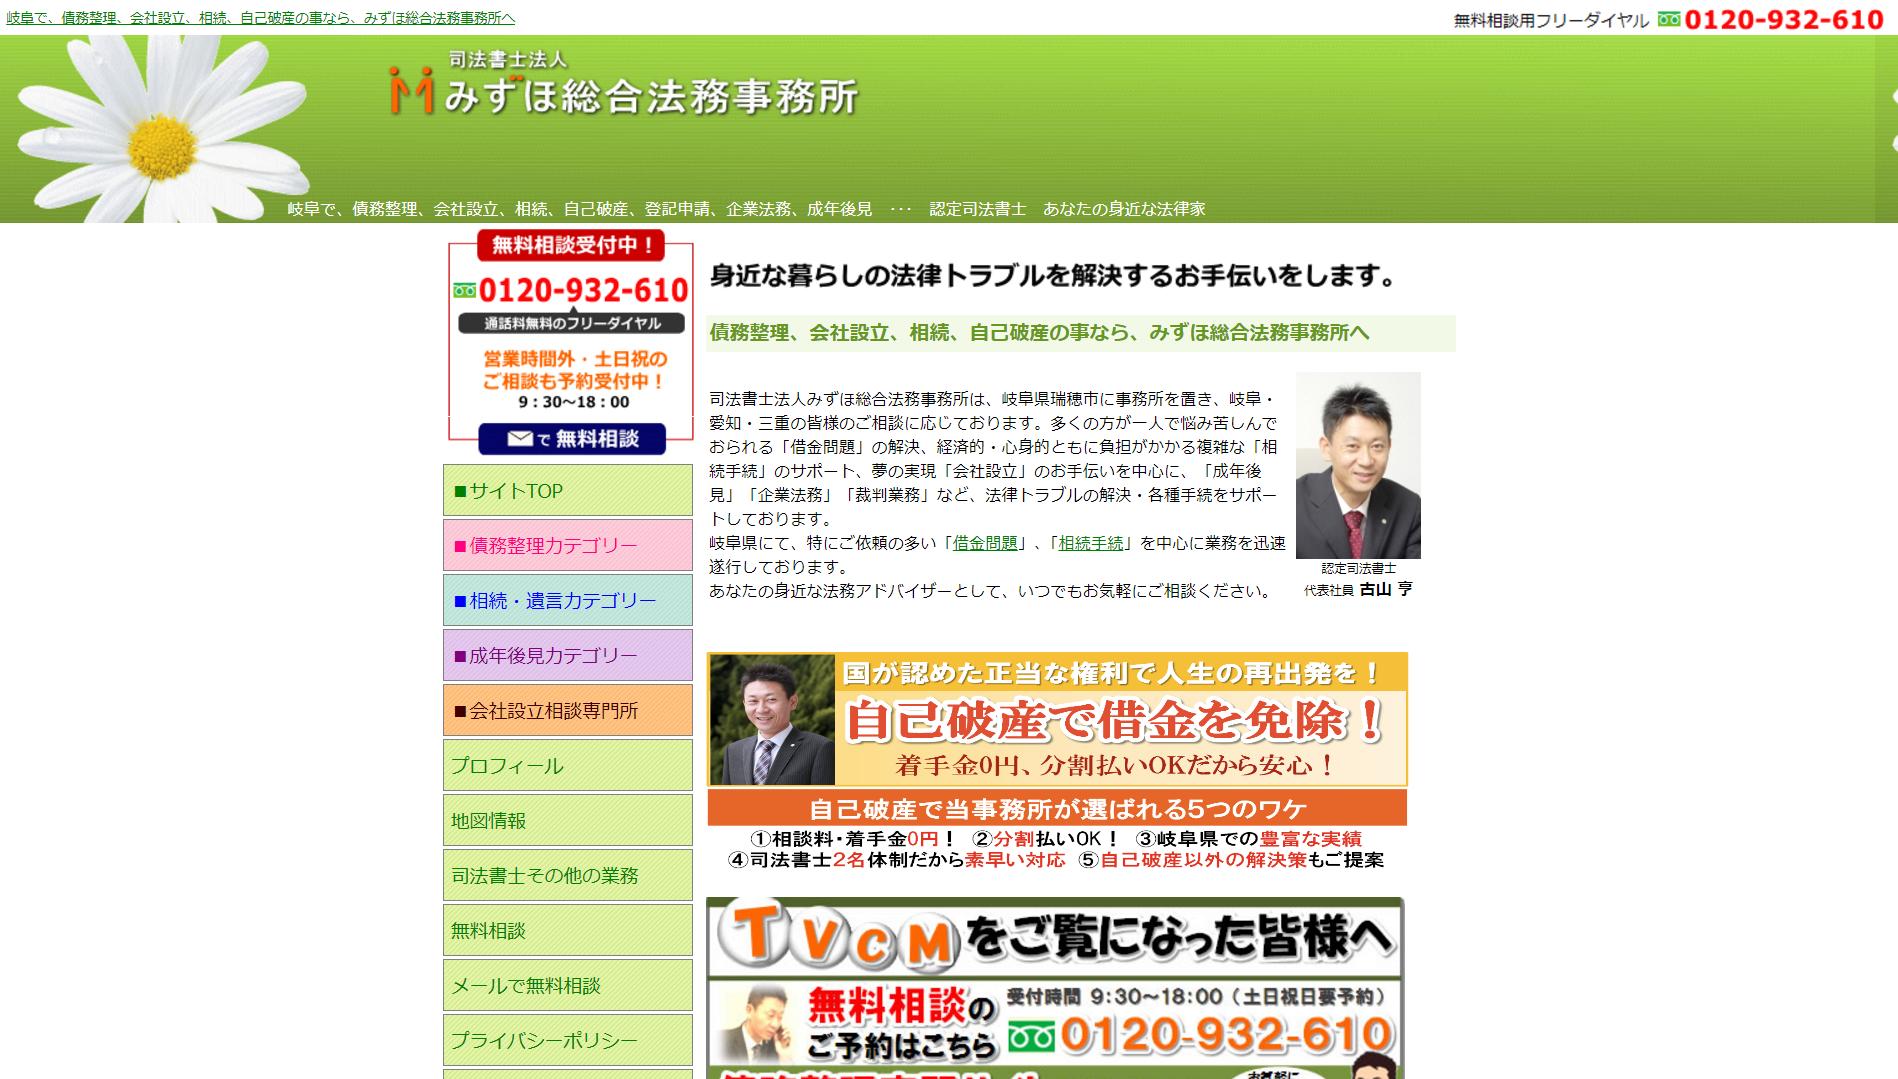 みずほ総合法務事務所(岐阜県瑞穂市別府)